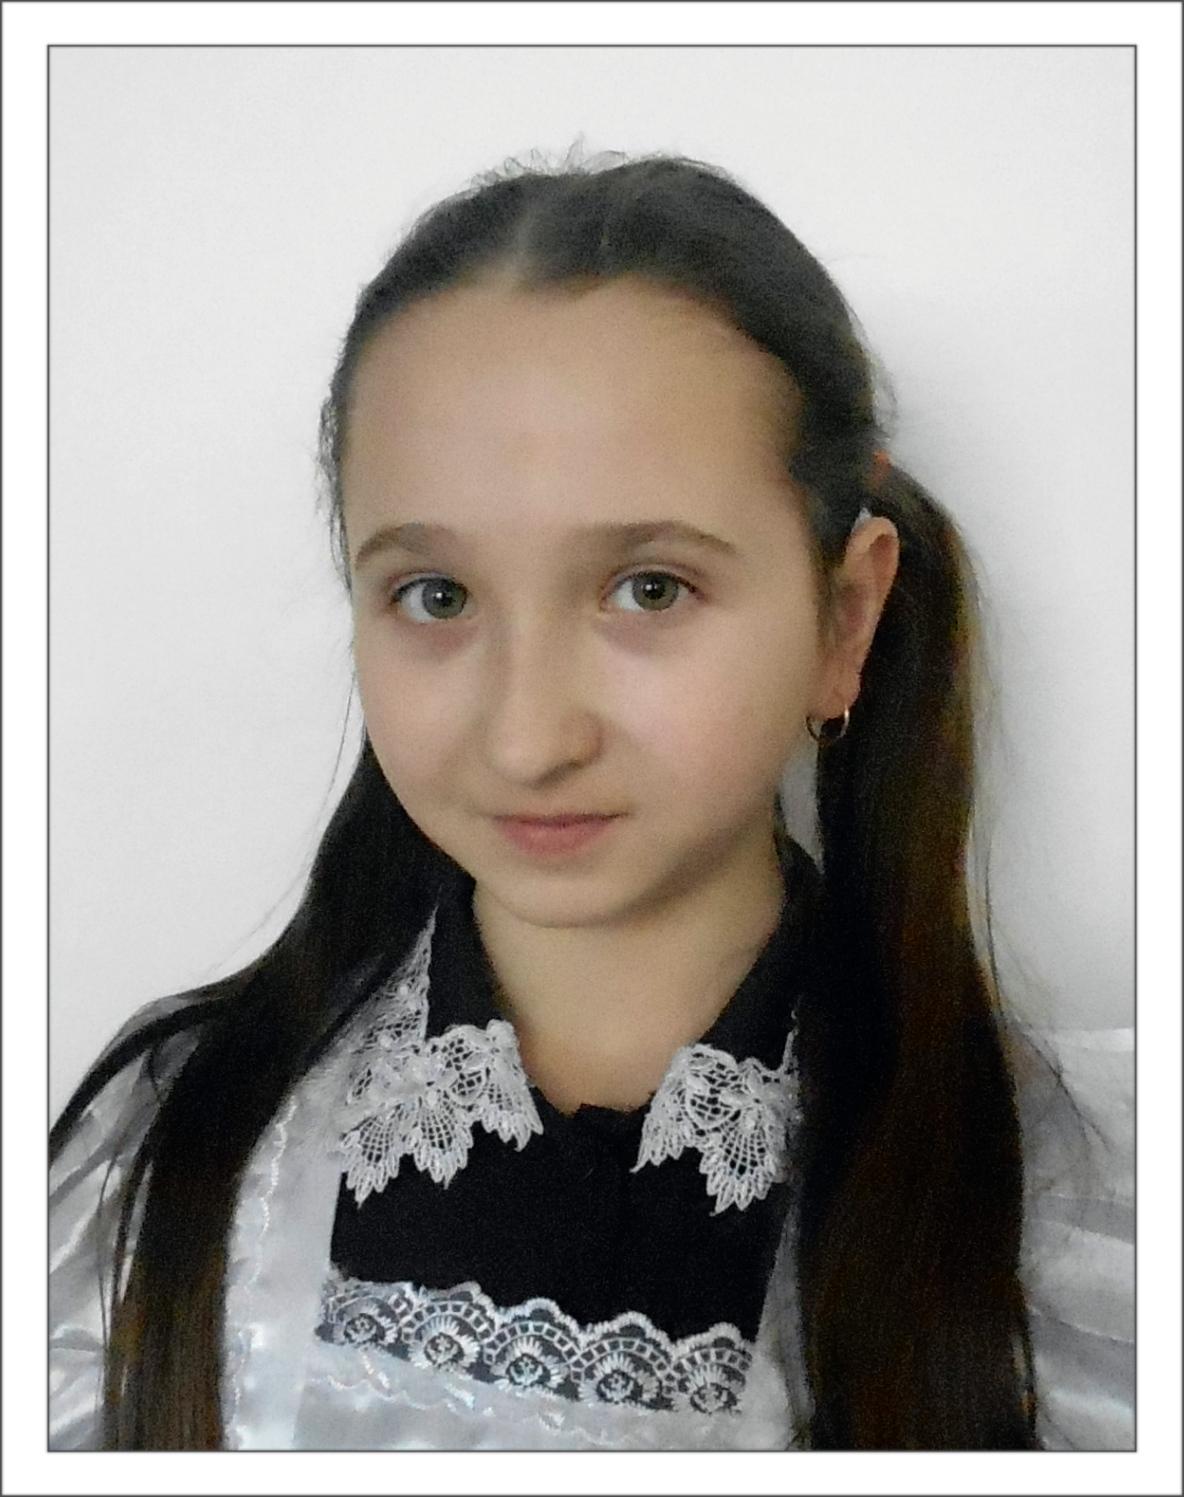 Ляшенко Кристина, учащаяся 6 класса